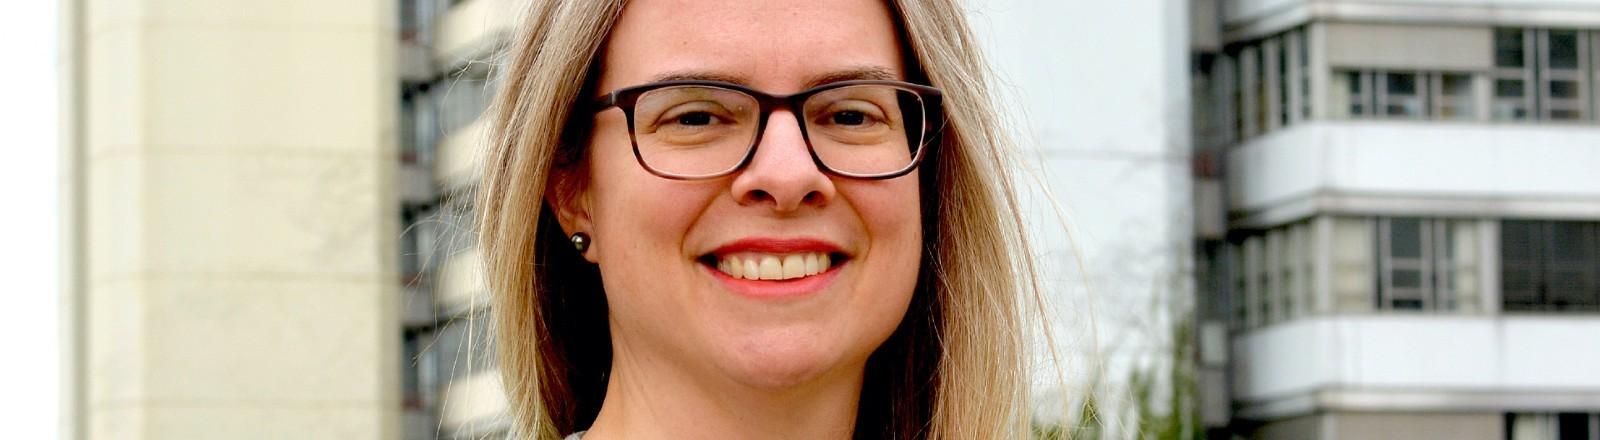 Sabine Oertelt-Prigione von der Universität Bielefeld